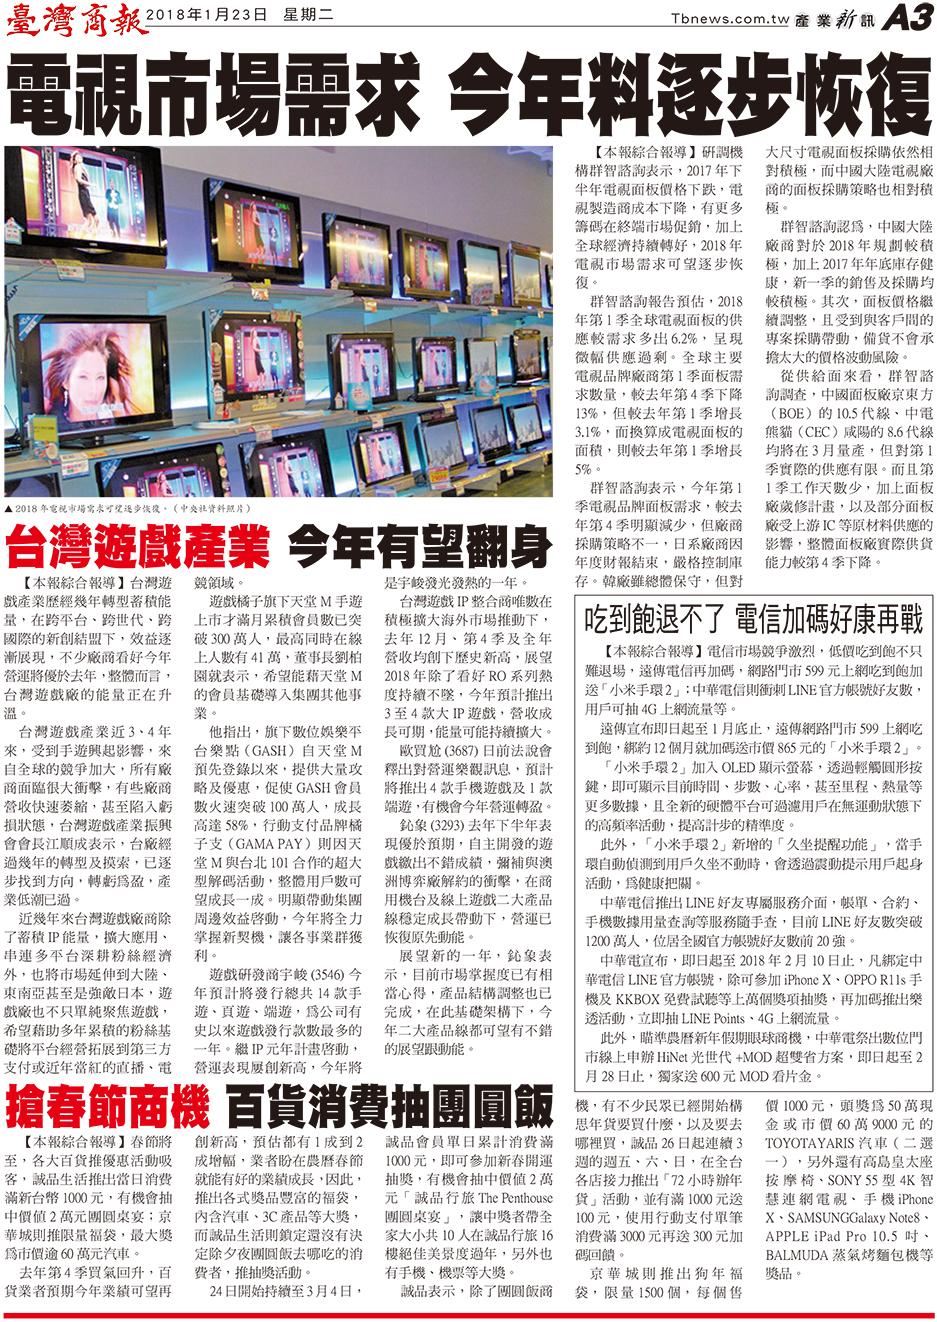 電視市場需求 今年料逐步恢復